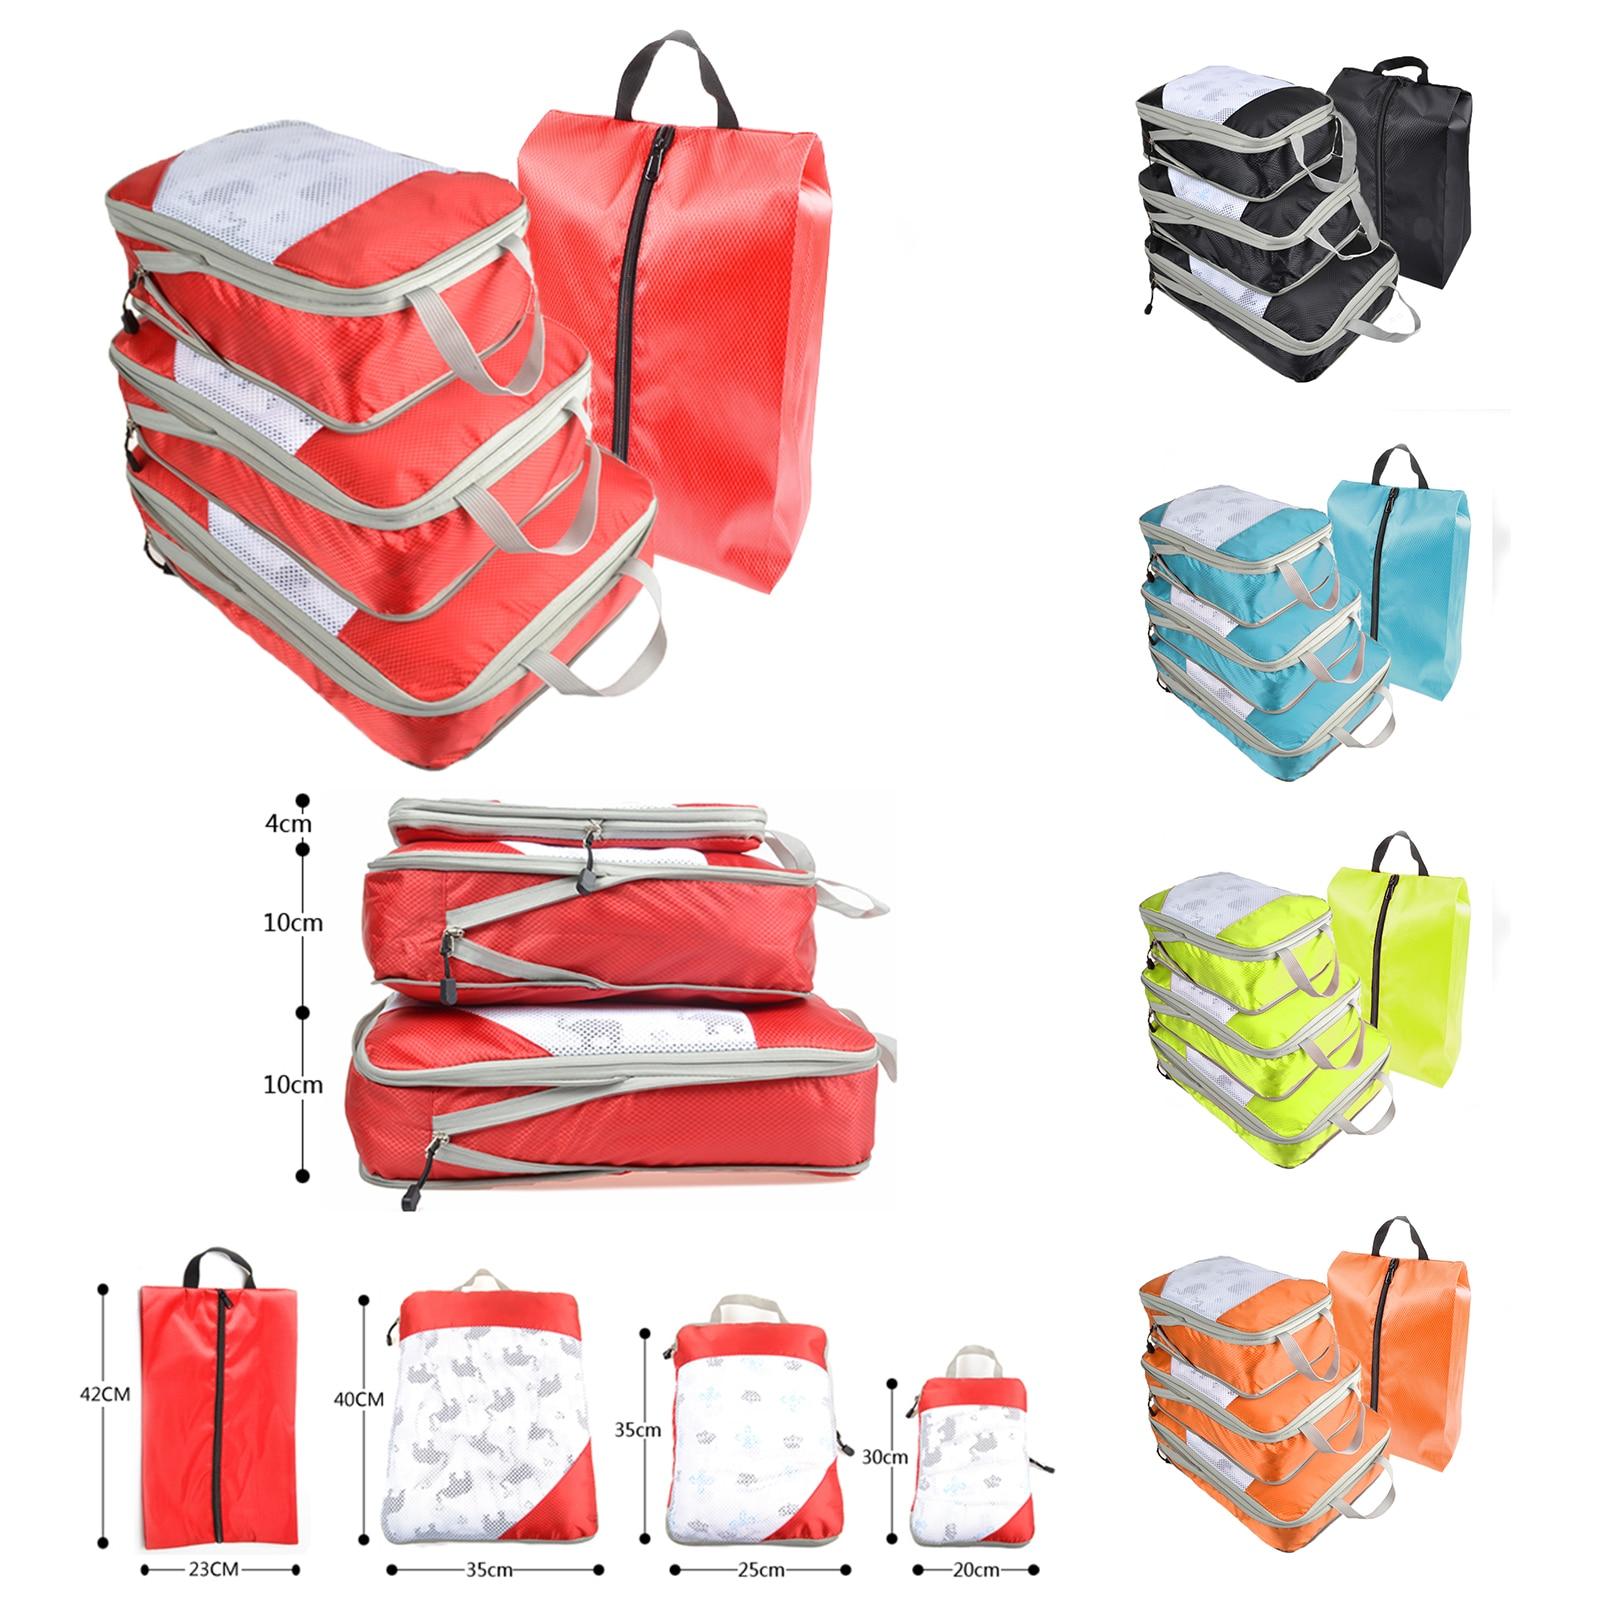 Compression Packing Cube Travel Luggage Organizer Foldable/Kids/Nylon/Women/Men/Set/Ladies/Large/Waterproof/Travel Bag Organizer